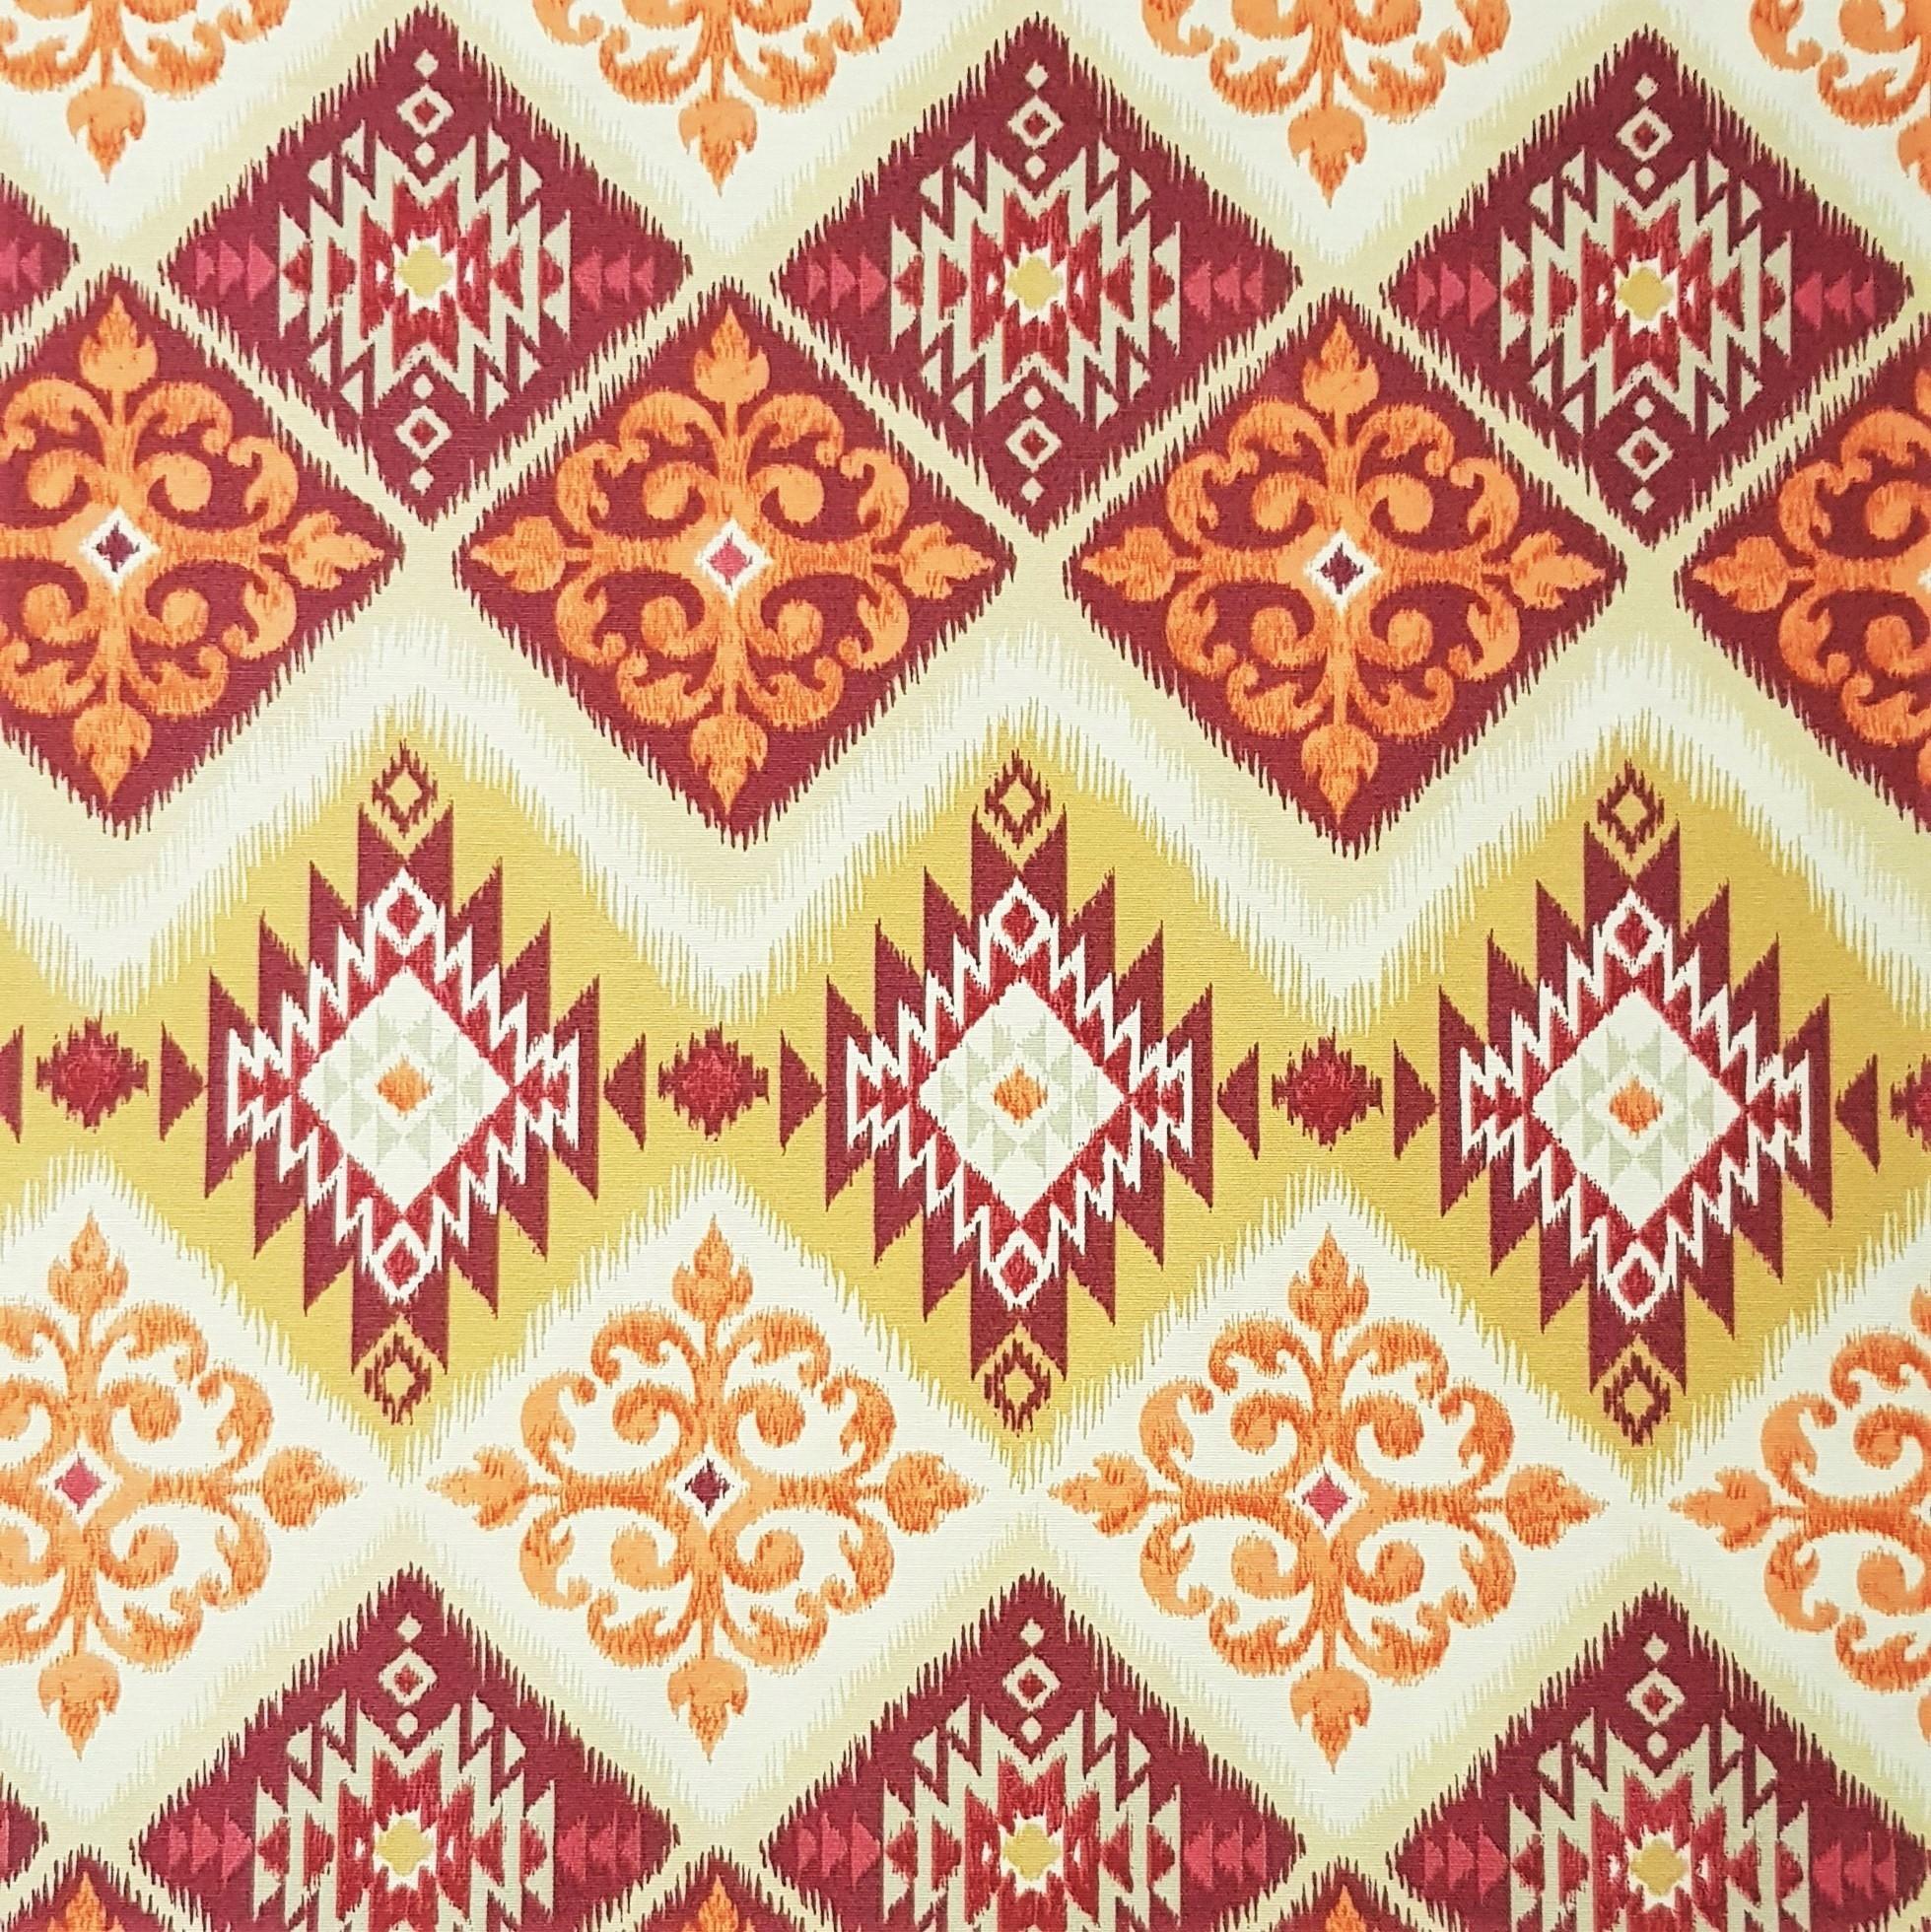 Mantel KILIMROJO Rectangular 1,5x2,1 m [retirooenvíoen 5·7díashábiles]